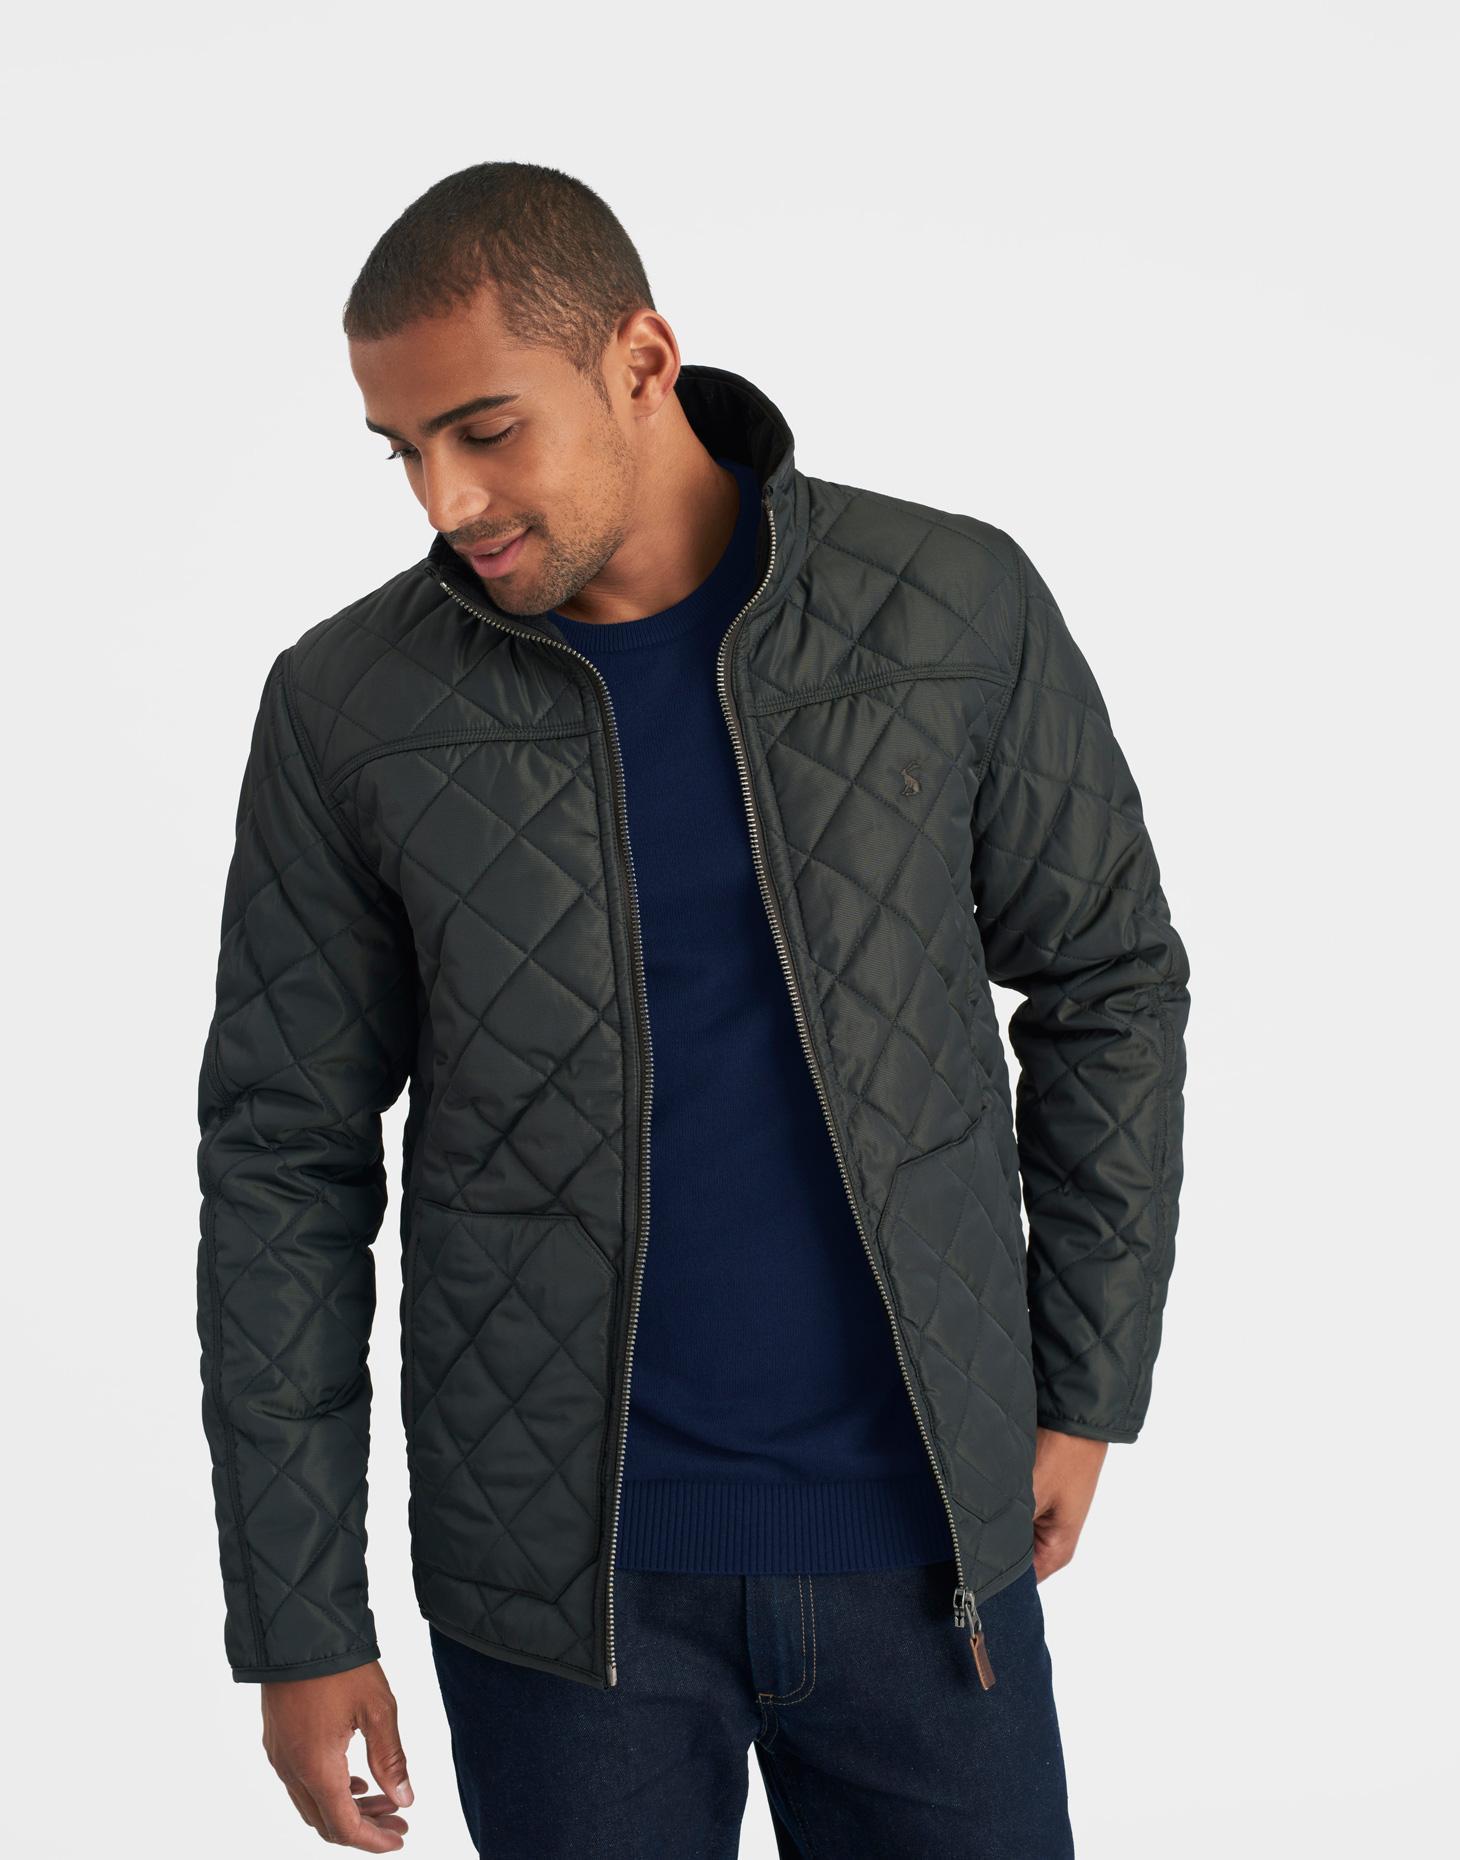 Men's Jackets & Coats.